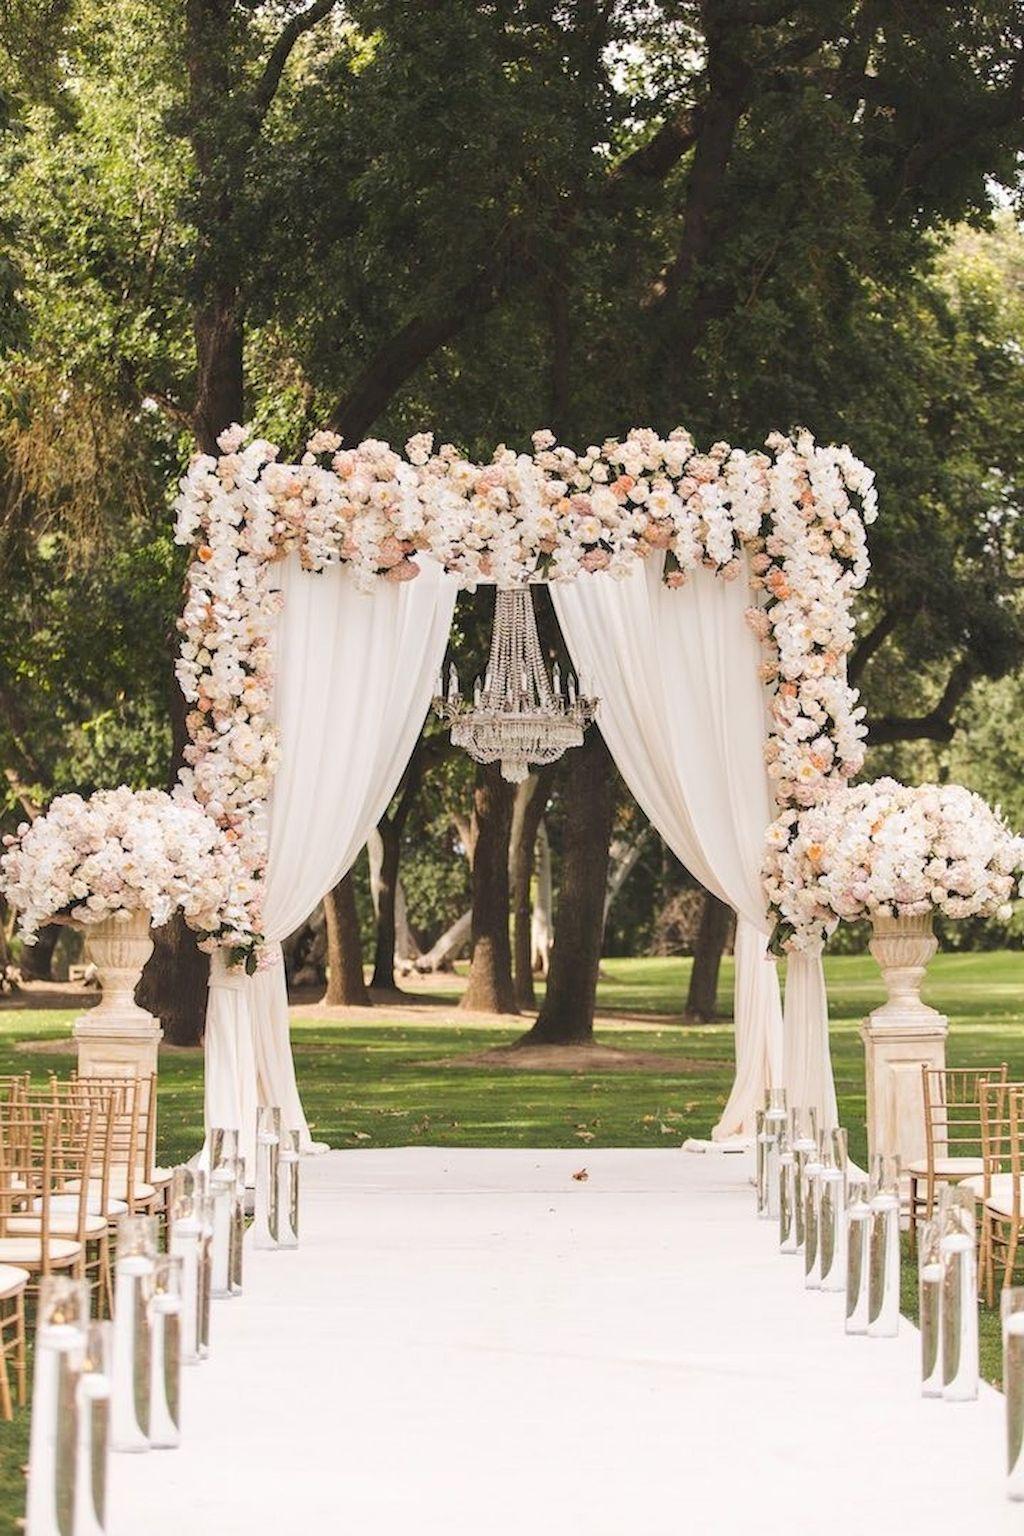 Gorgeous elegant outdoor wedding decor ideas on a budget